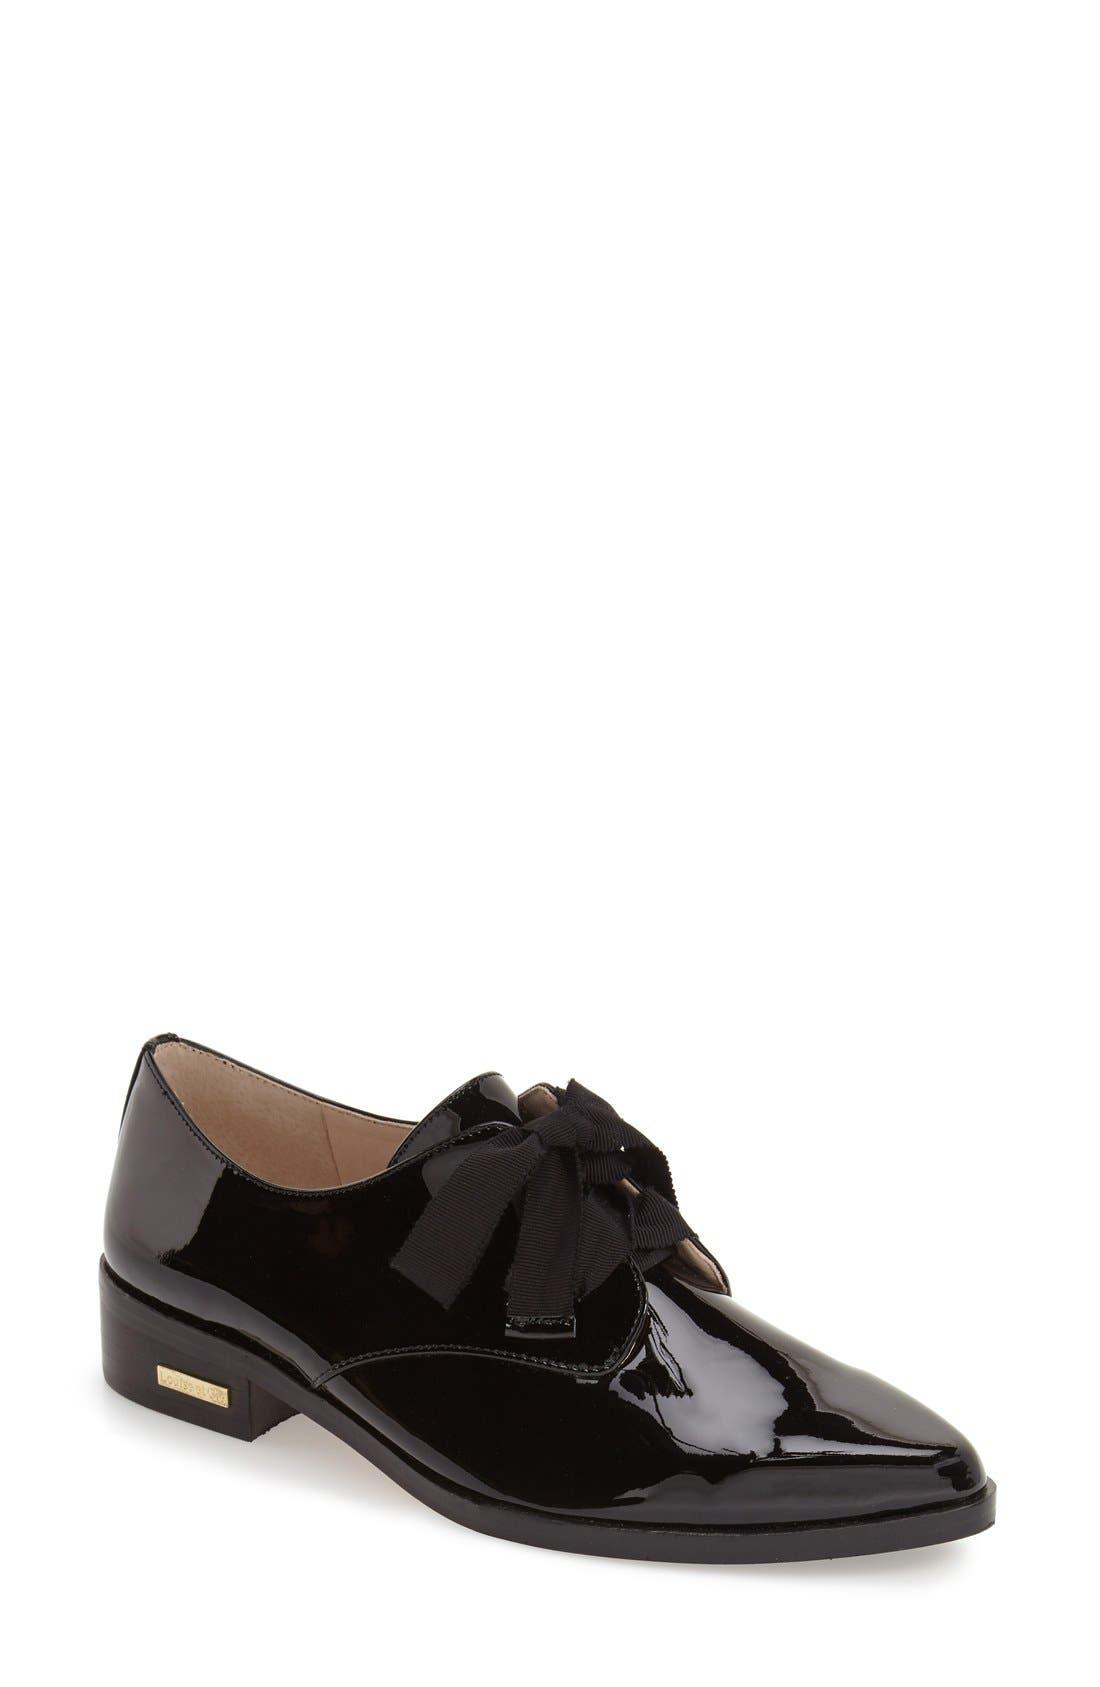 'Adwin' Almond Toe Oxford,                         Main,                         color, Black Patent